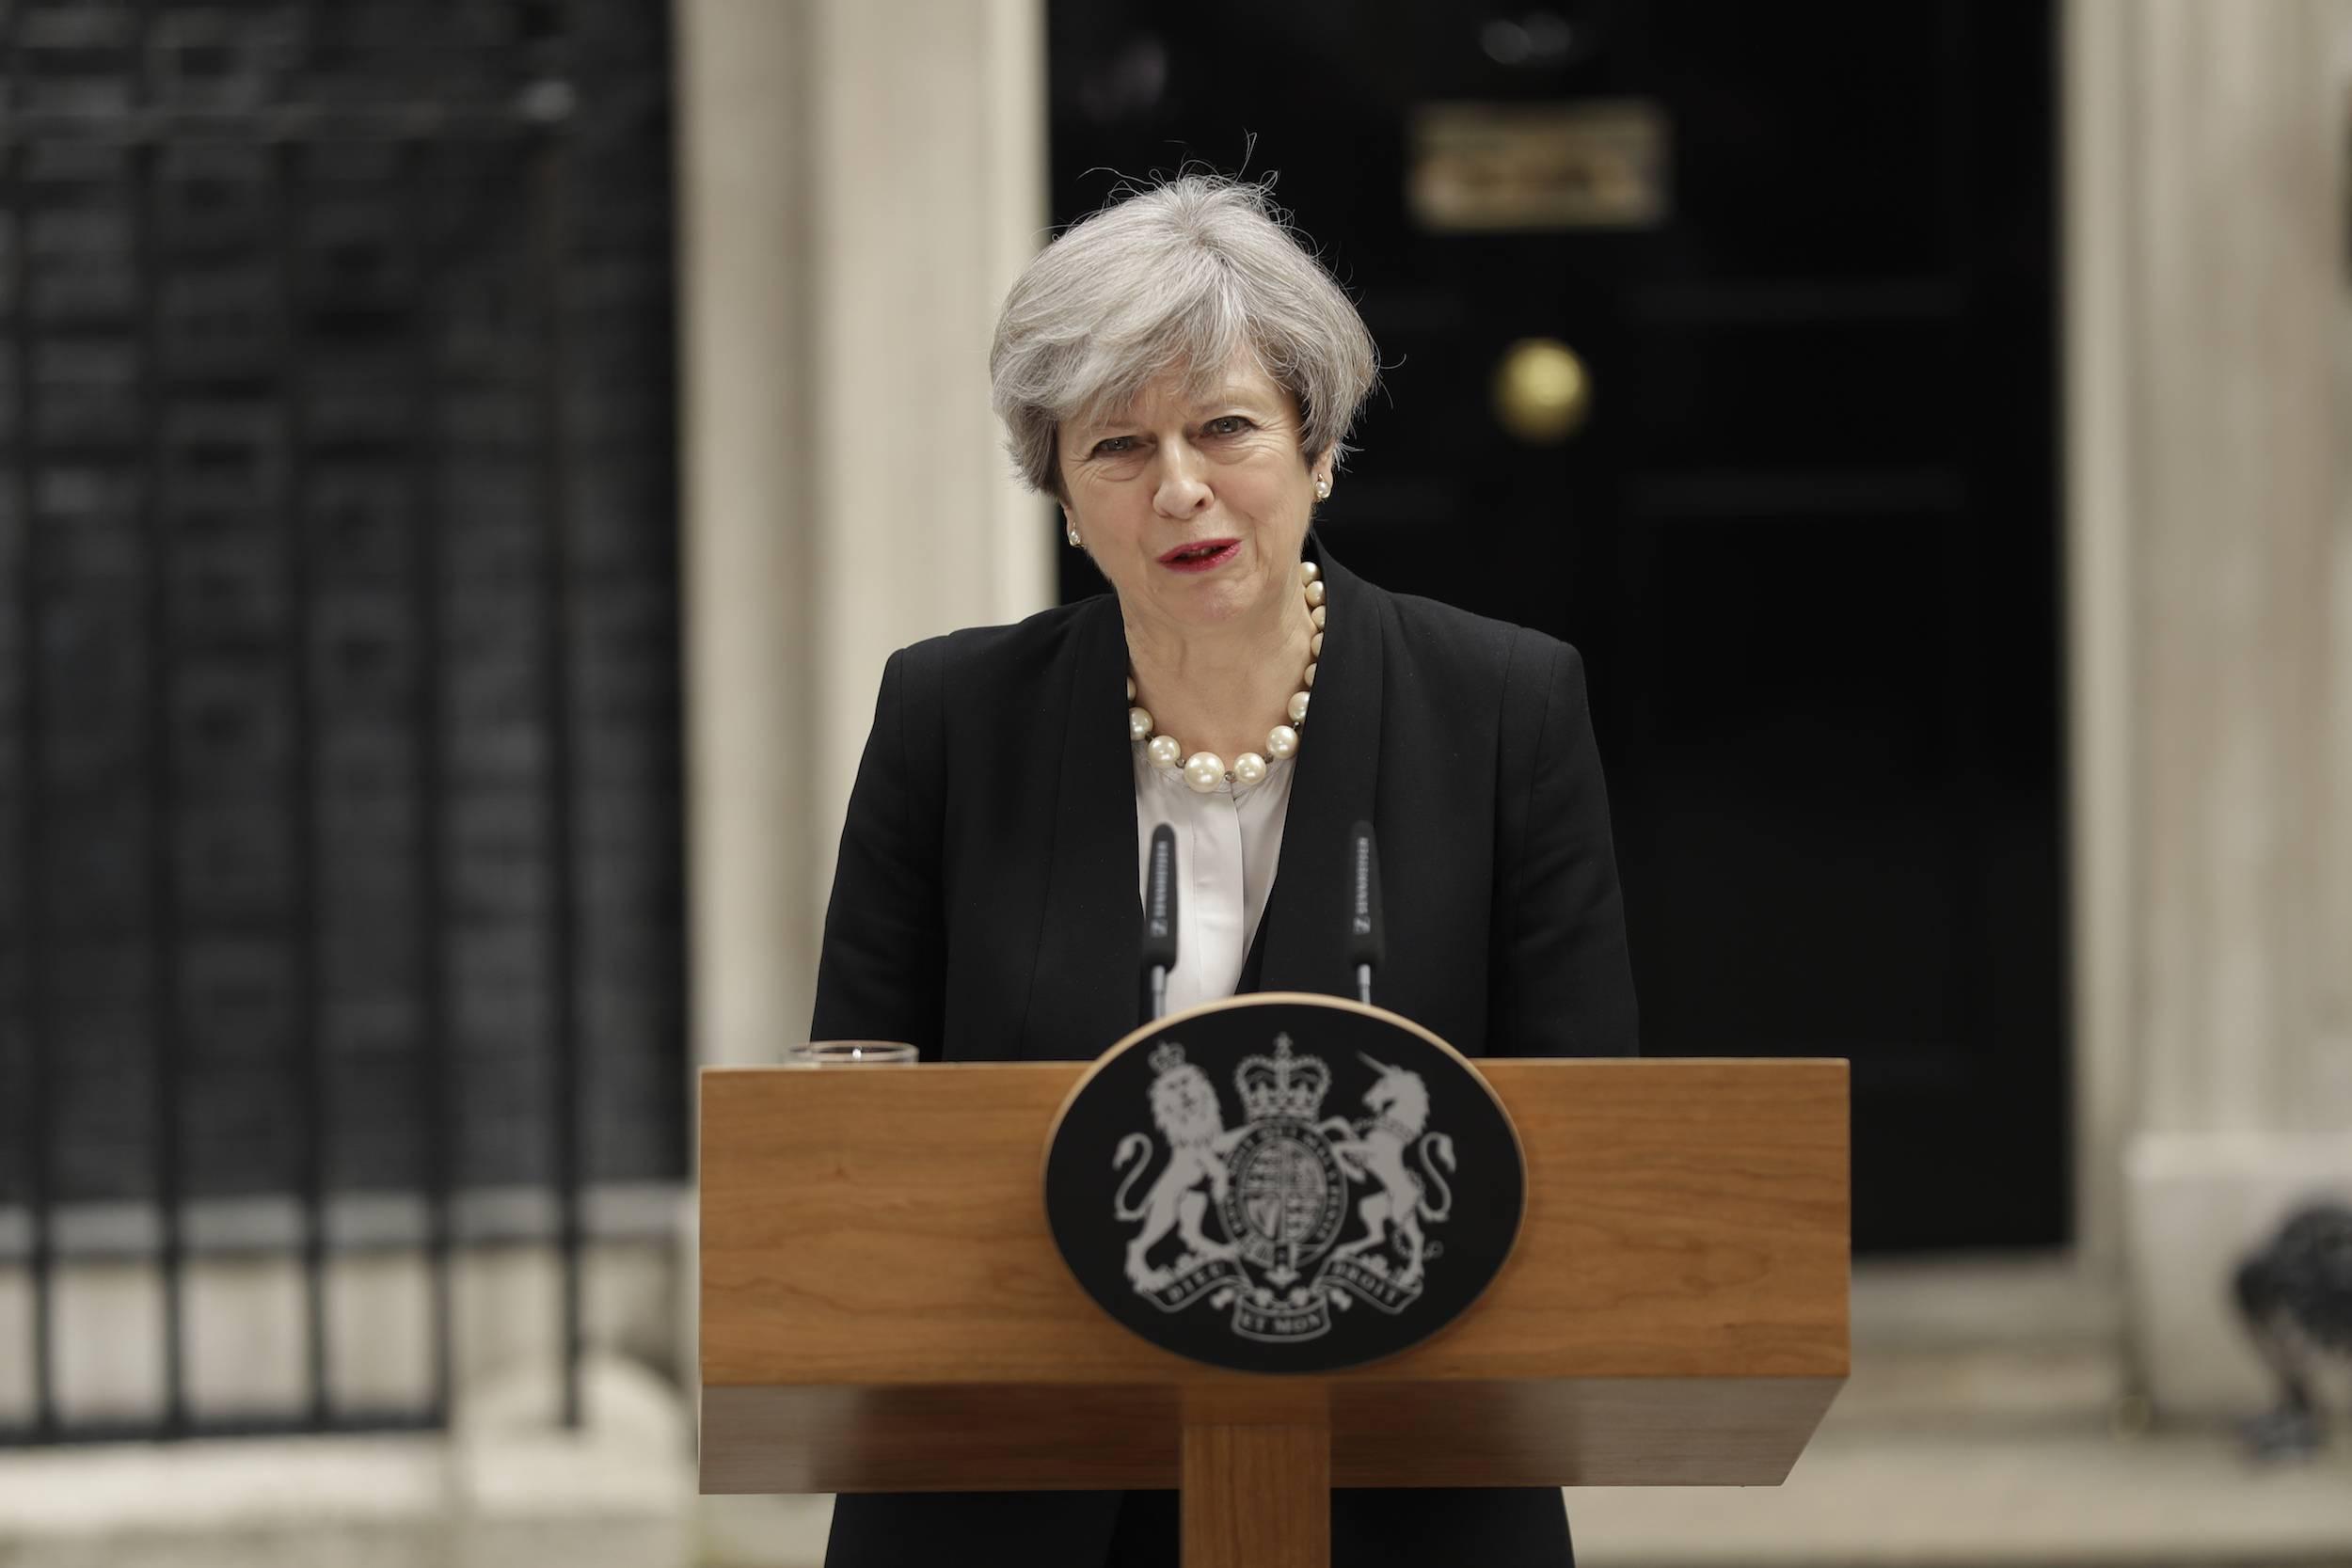 El Reino Unido eleva al máximo su nivel de alerta por atentados